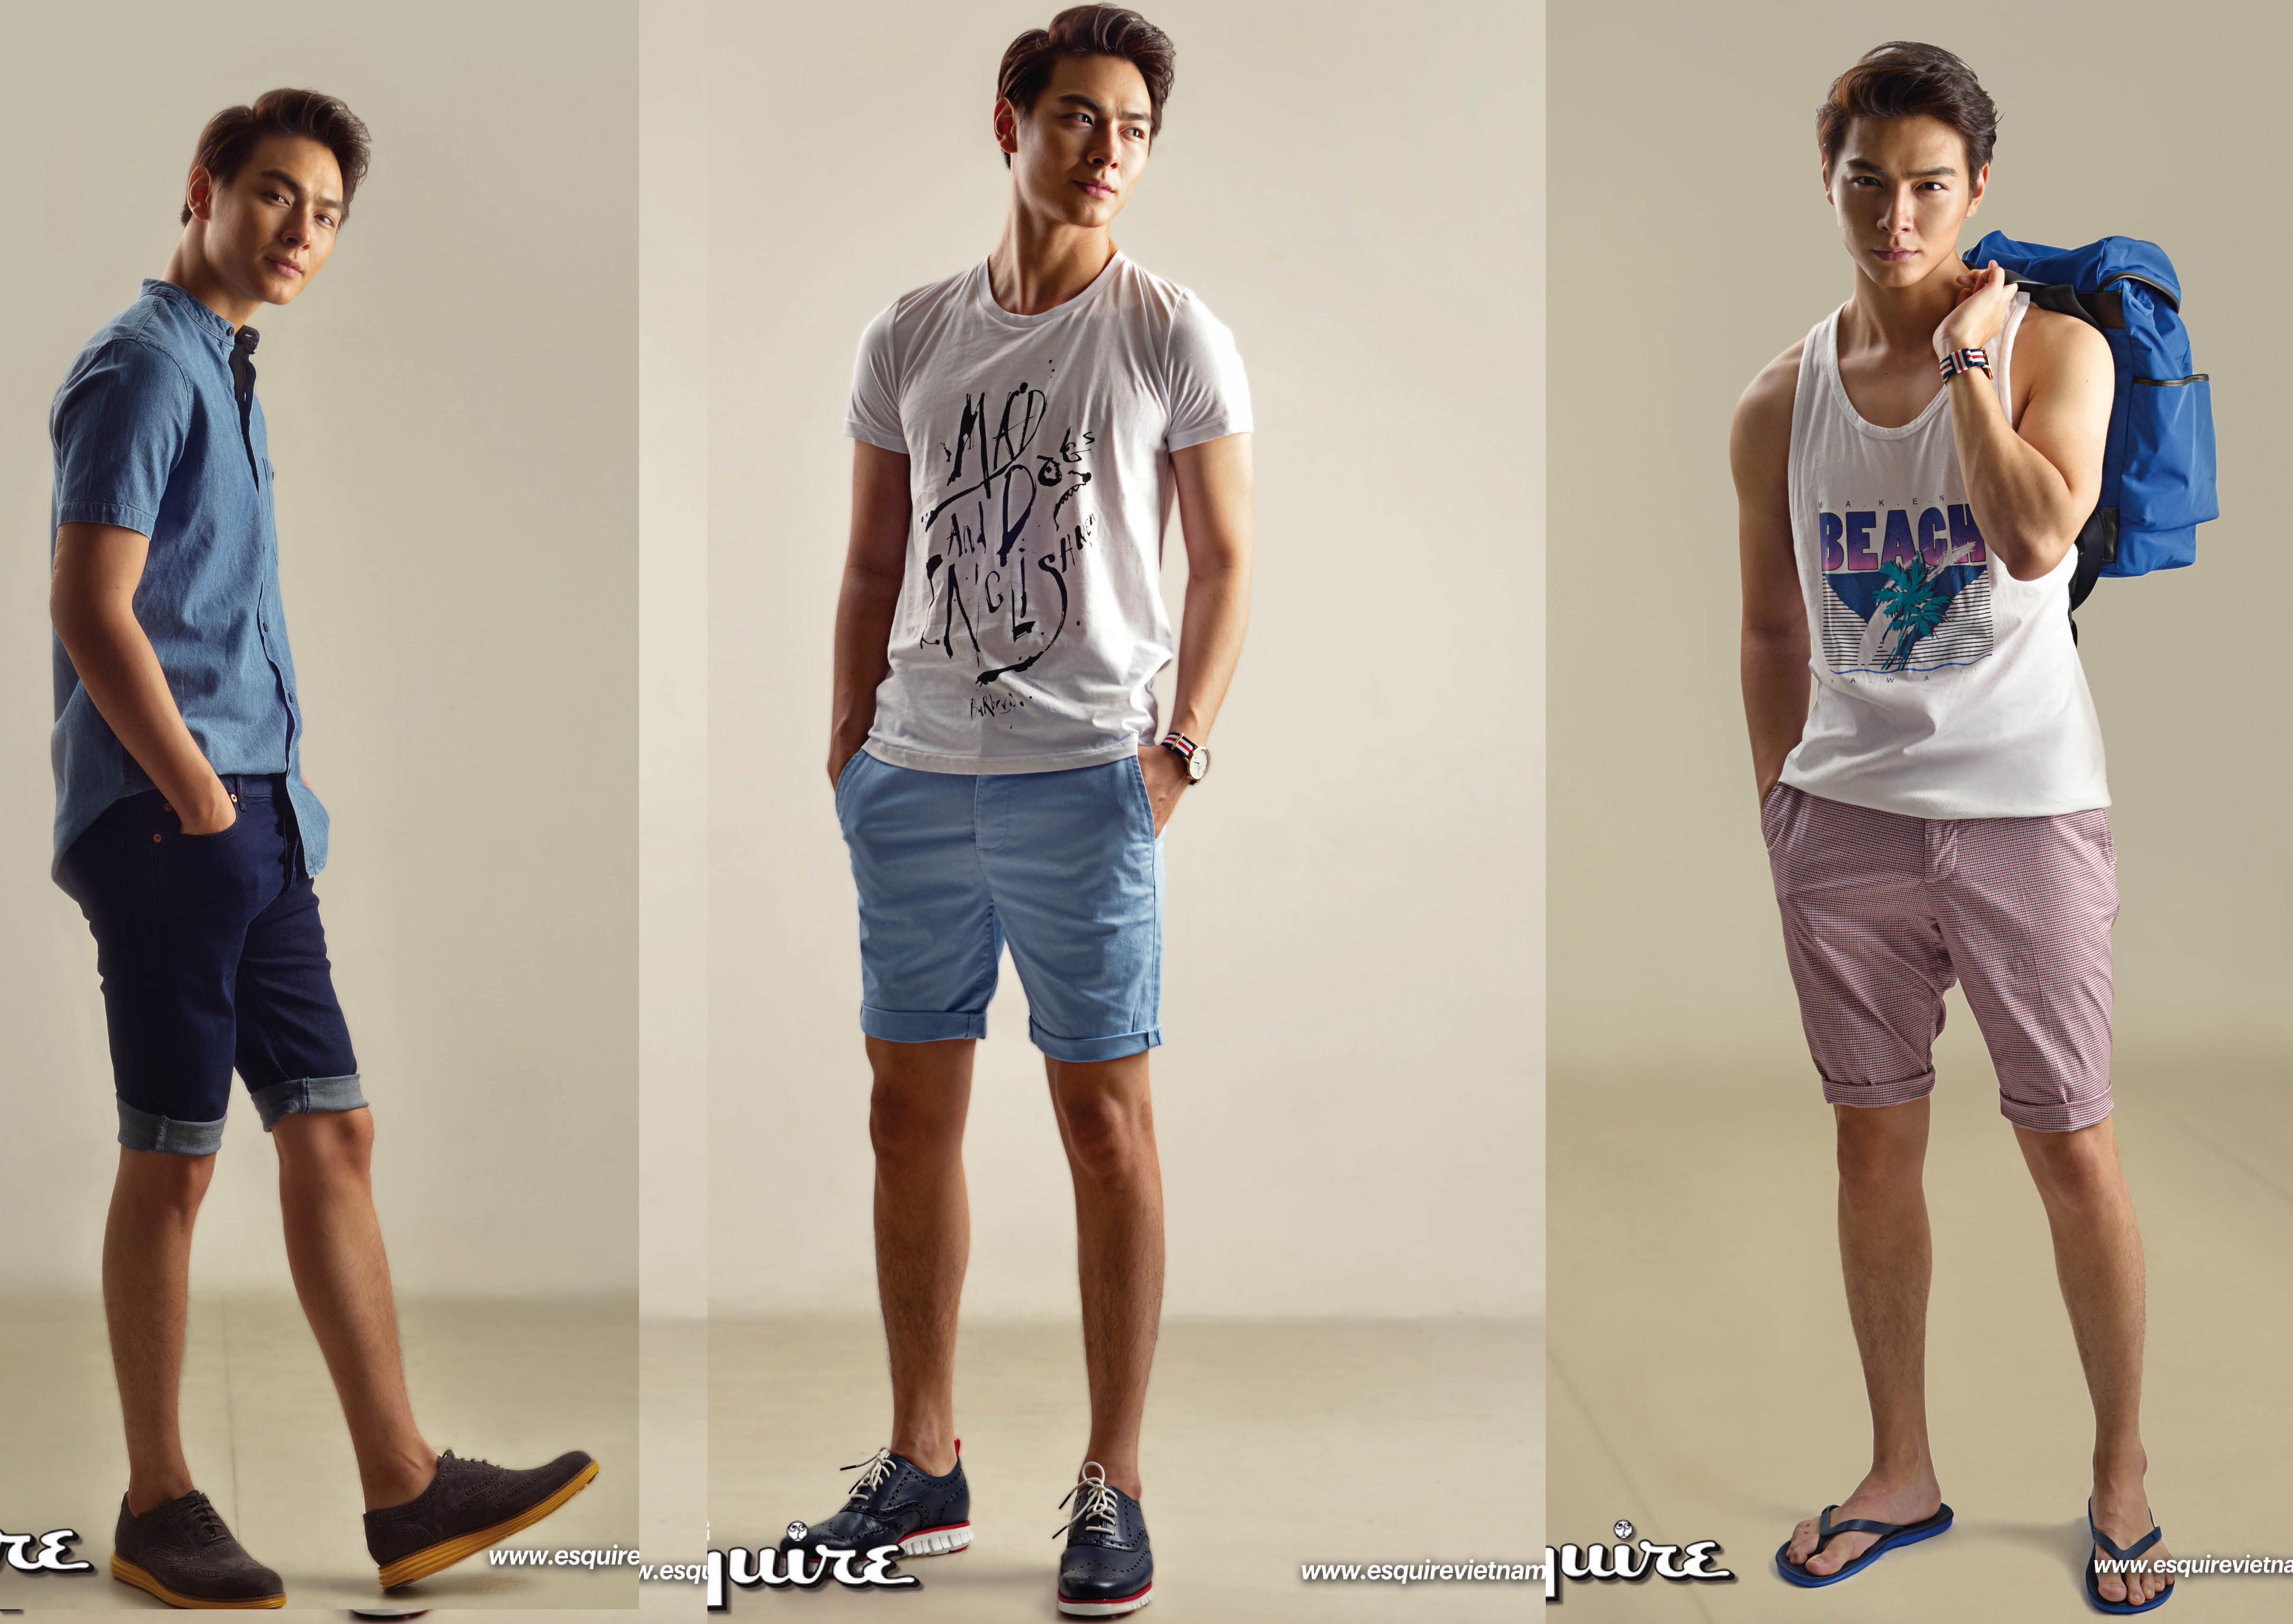 Jay Quân gợi ý 7 cách kết hợp quần short cho các chàng trai thích phong cách